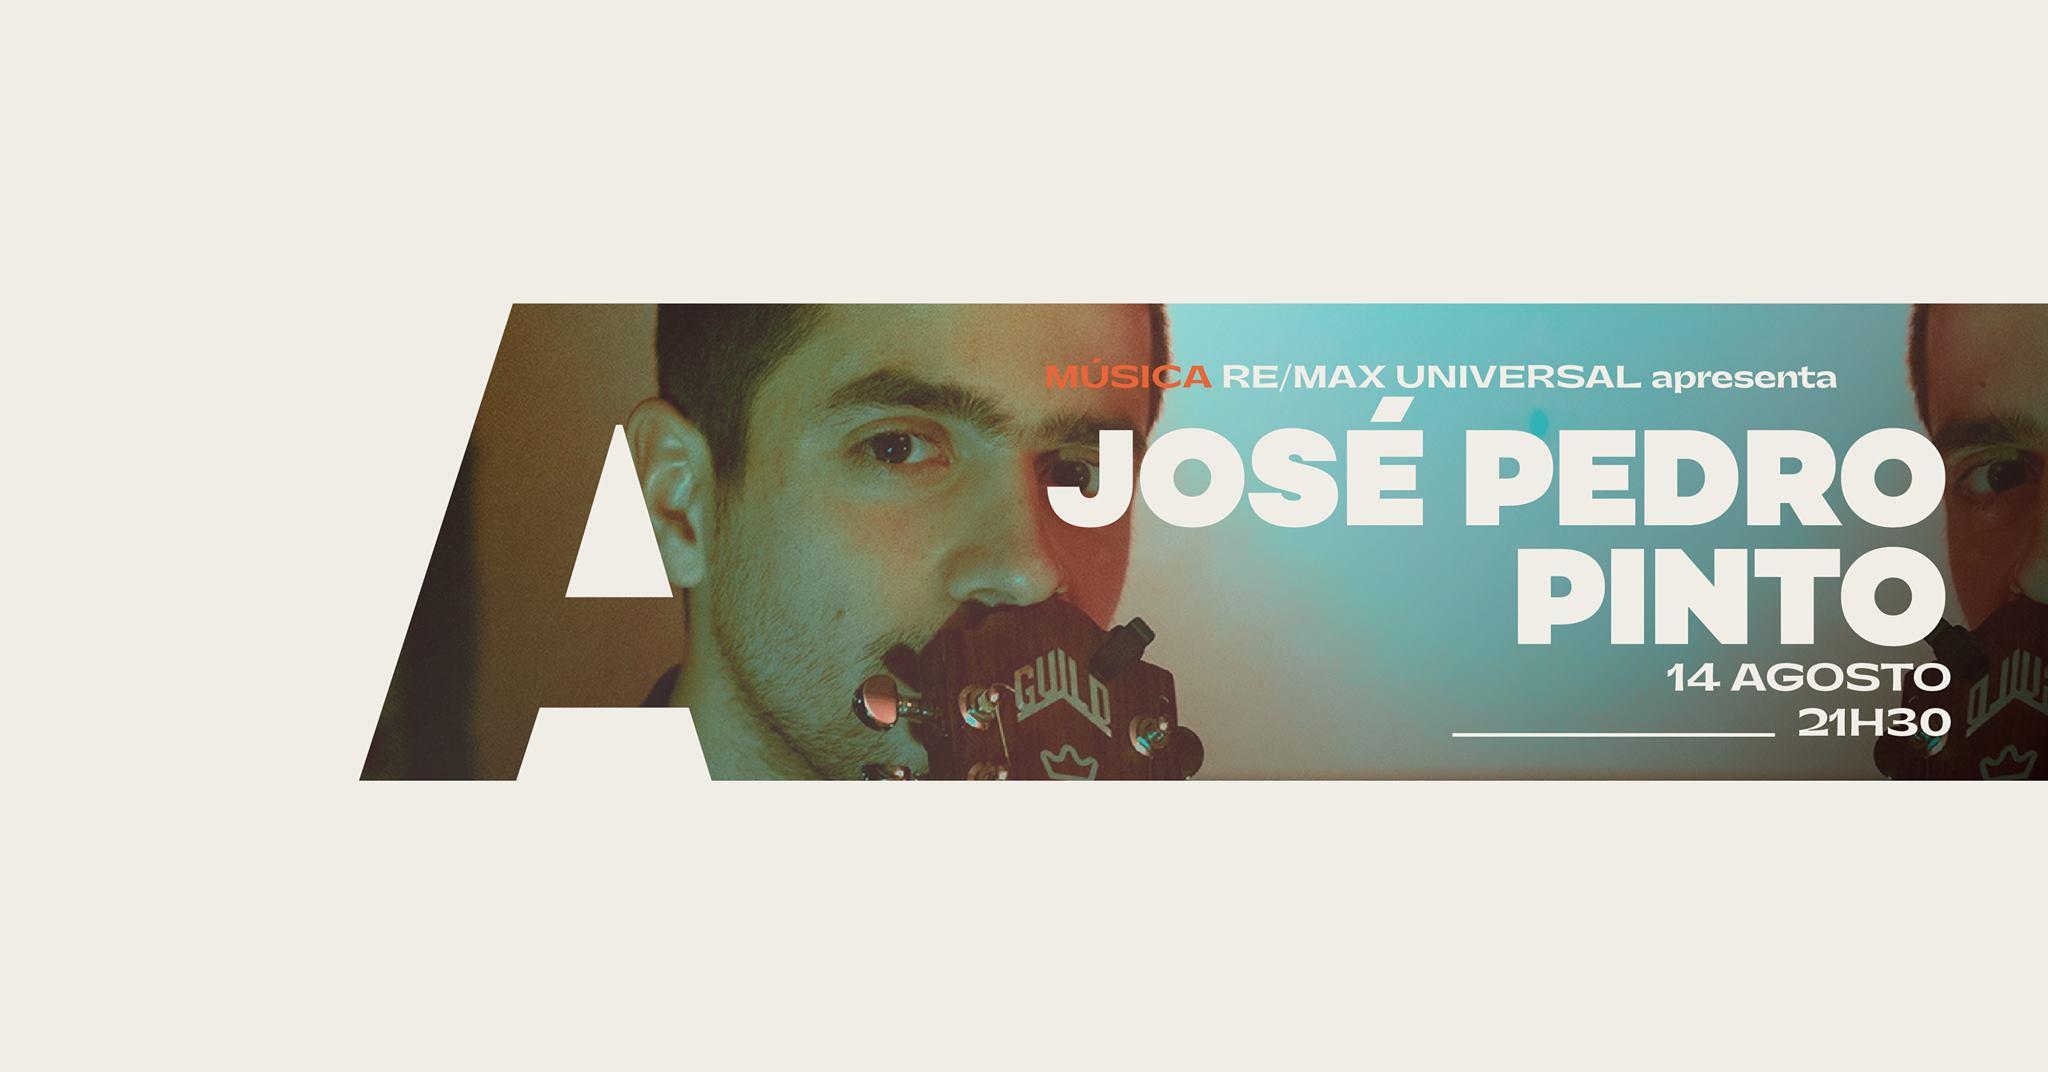 Re/Max Universal apres José Pedro Pinto @Avenida Café-Concerto